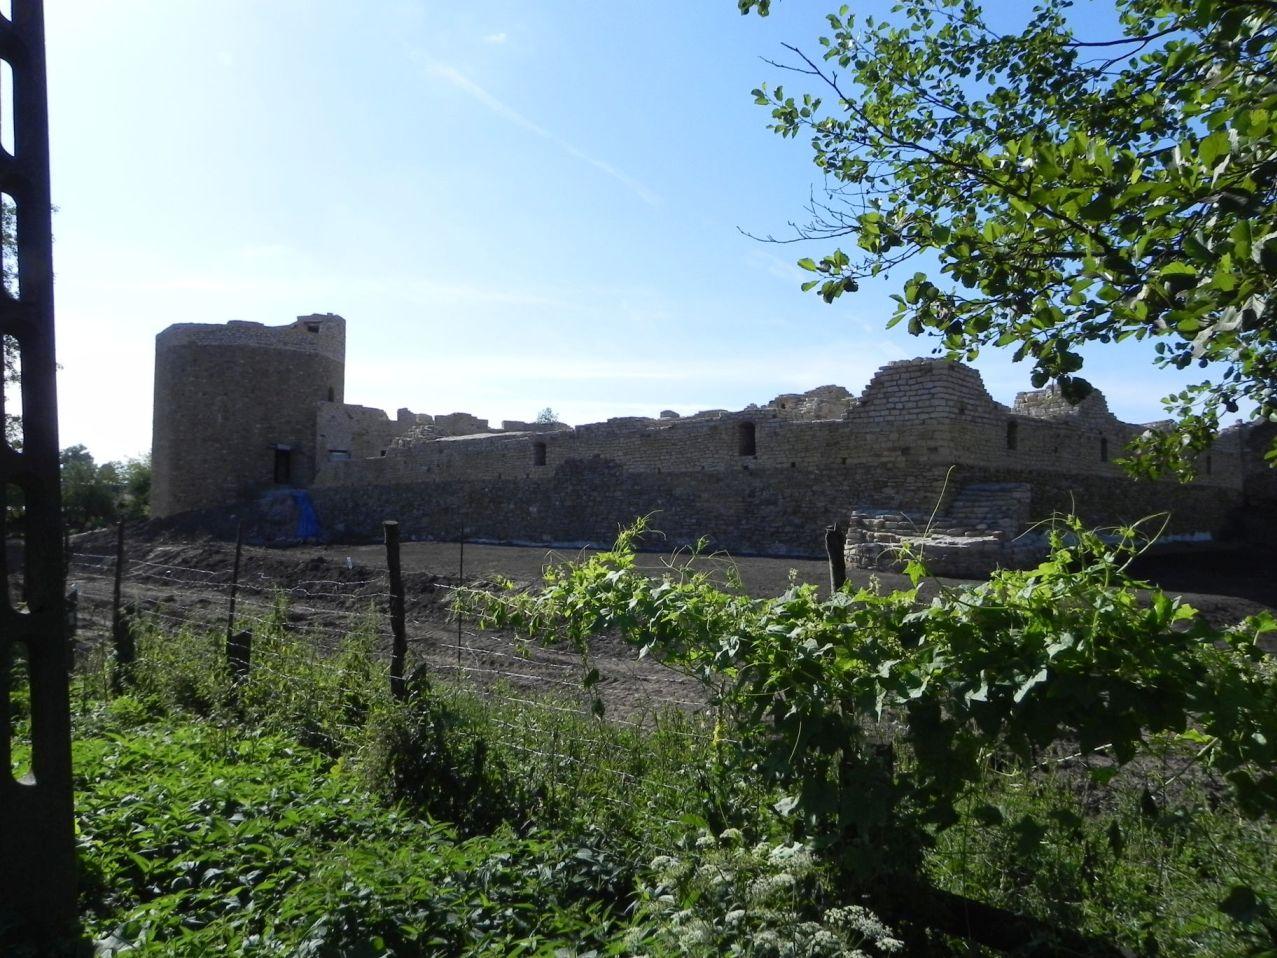 2012-07-22 Inowłódz - Ruiny zamku (15)